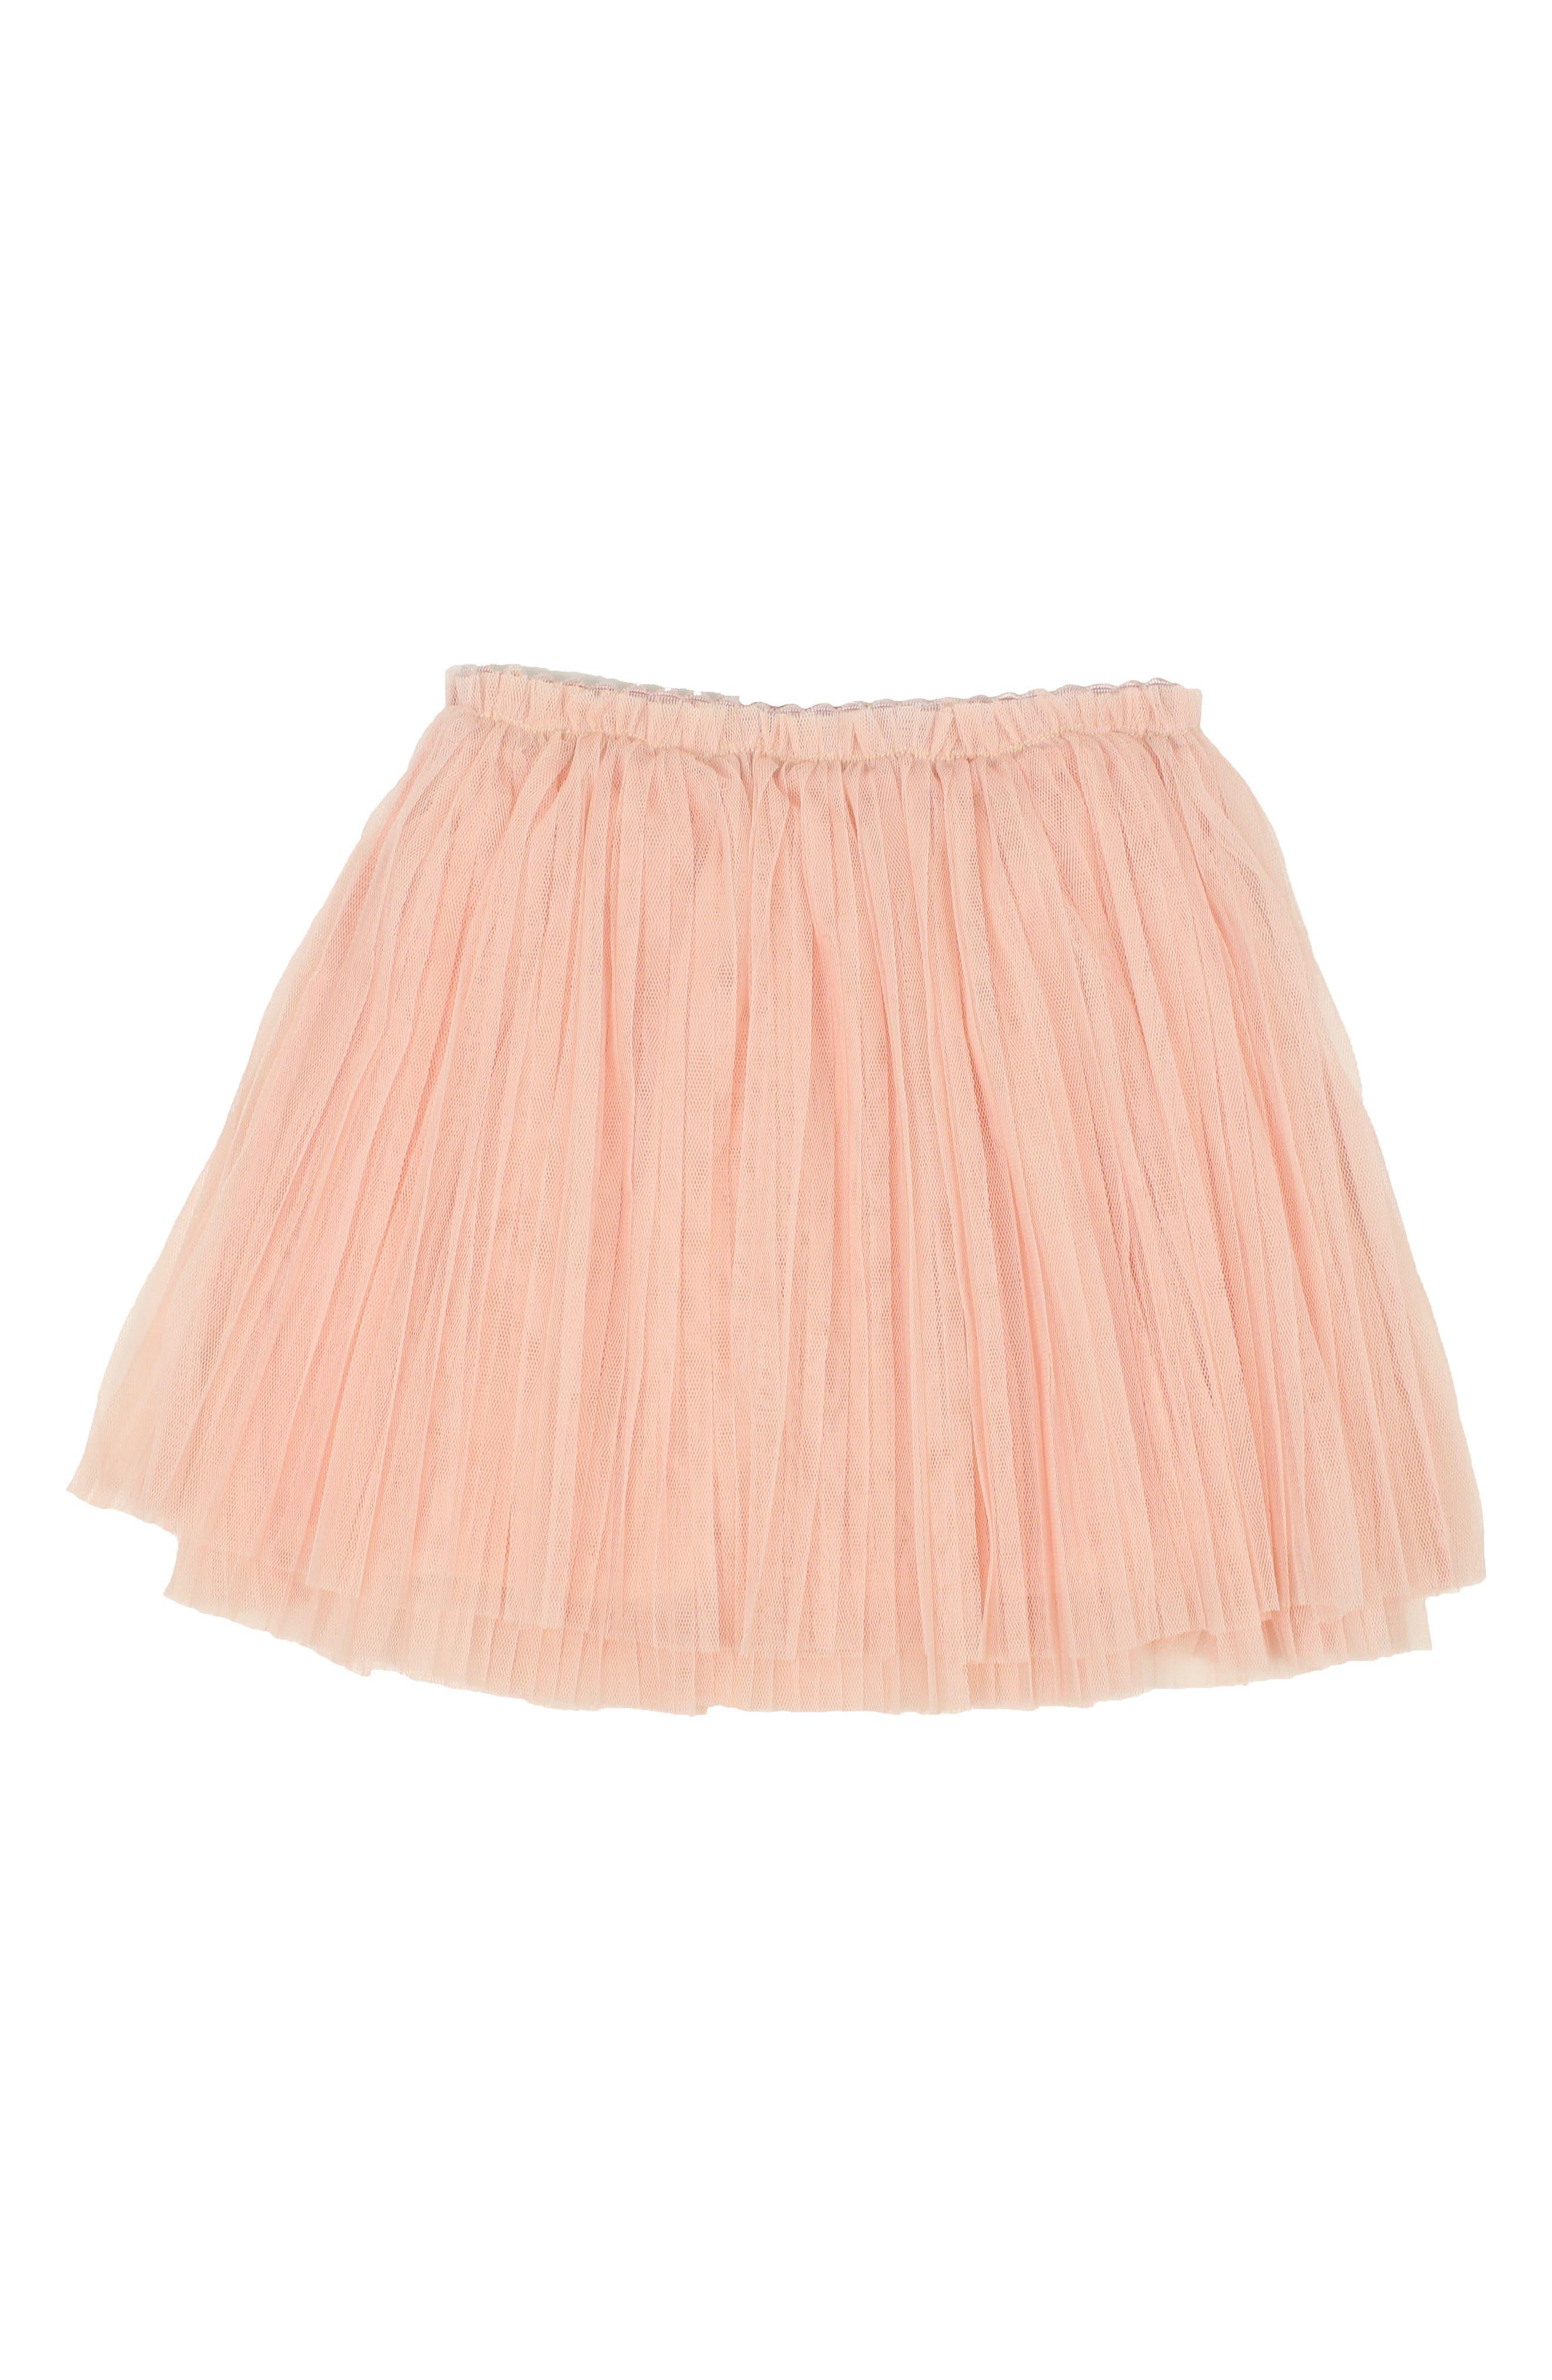 Pleated Tulle Skirt,                             Main thumbnail 1, color,                             Peach